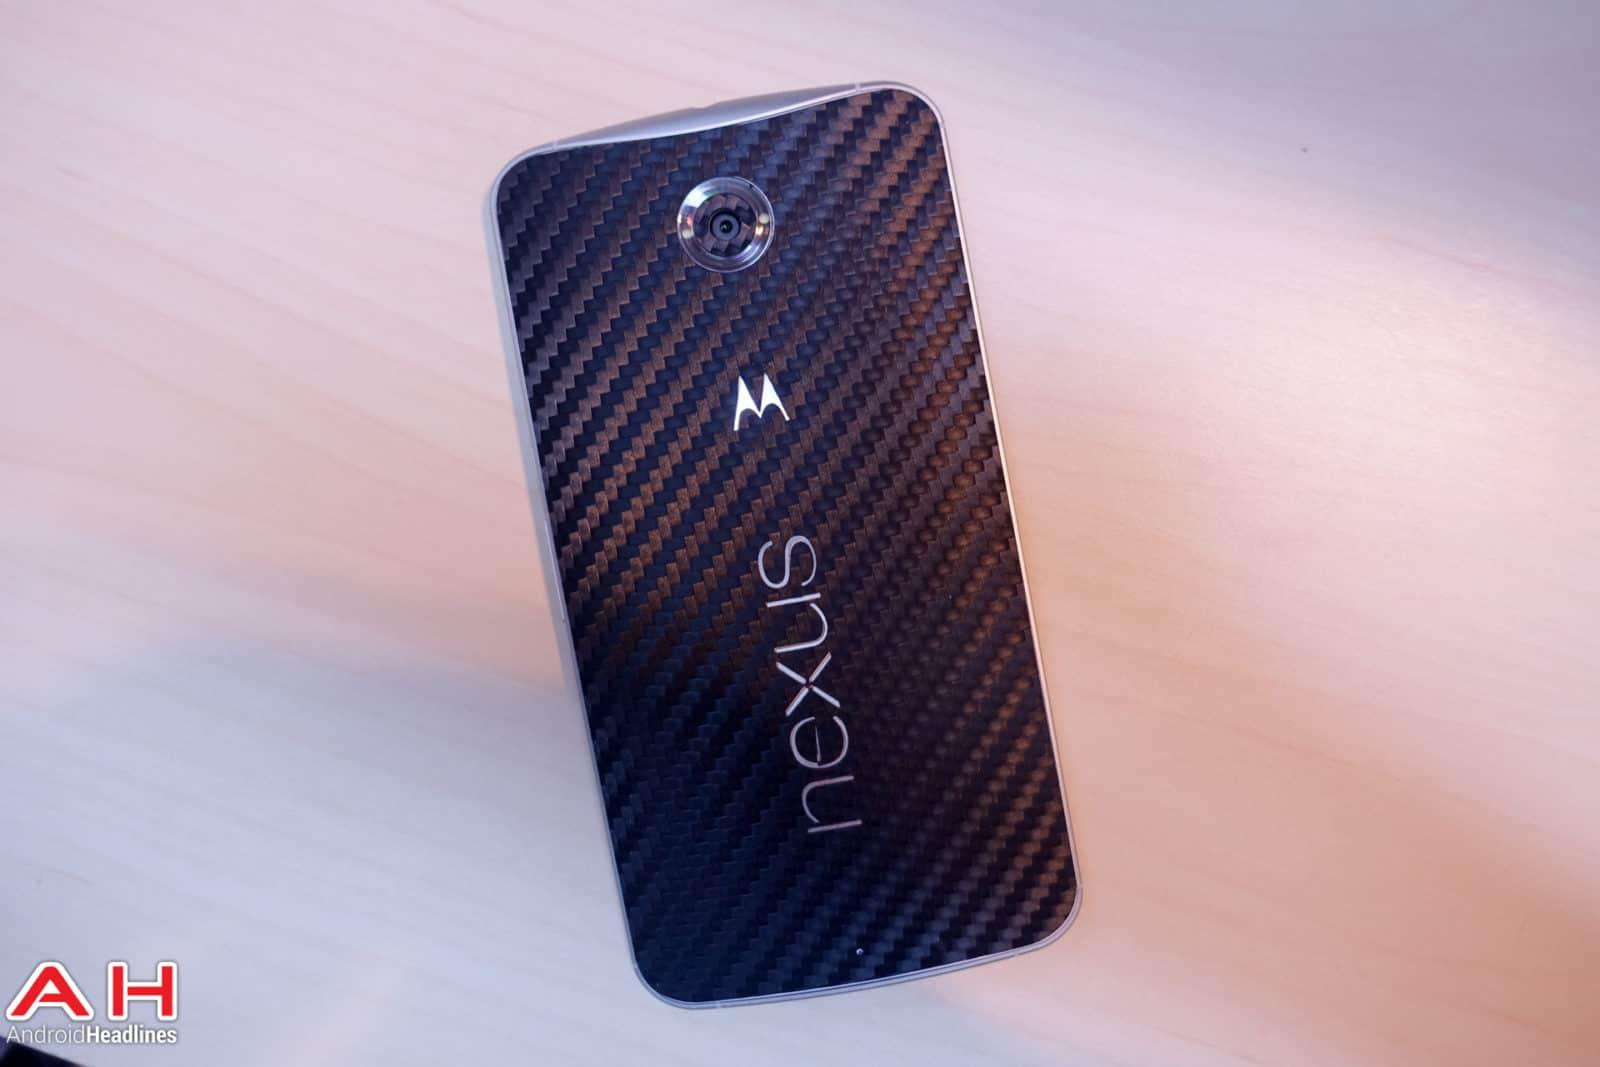 Nexus-6-SLickwraps-AH-03282